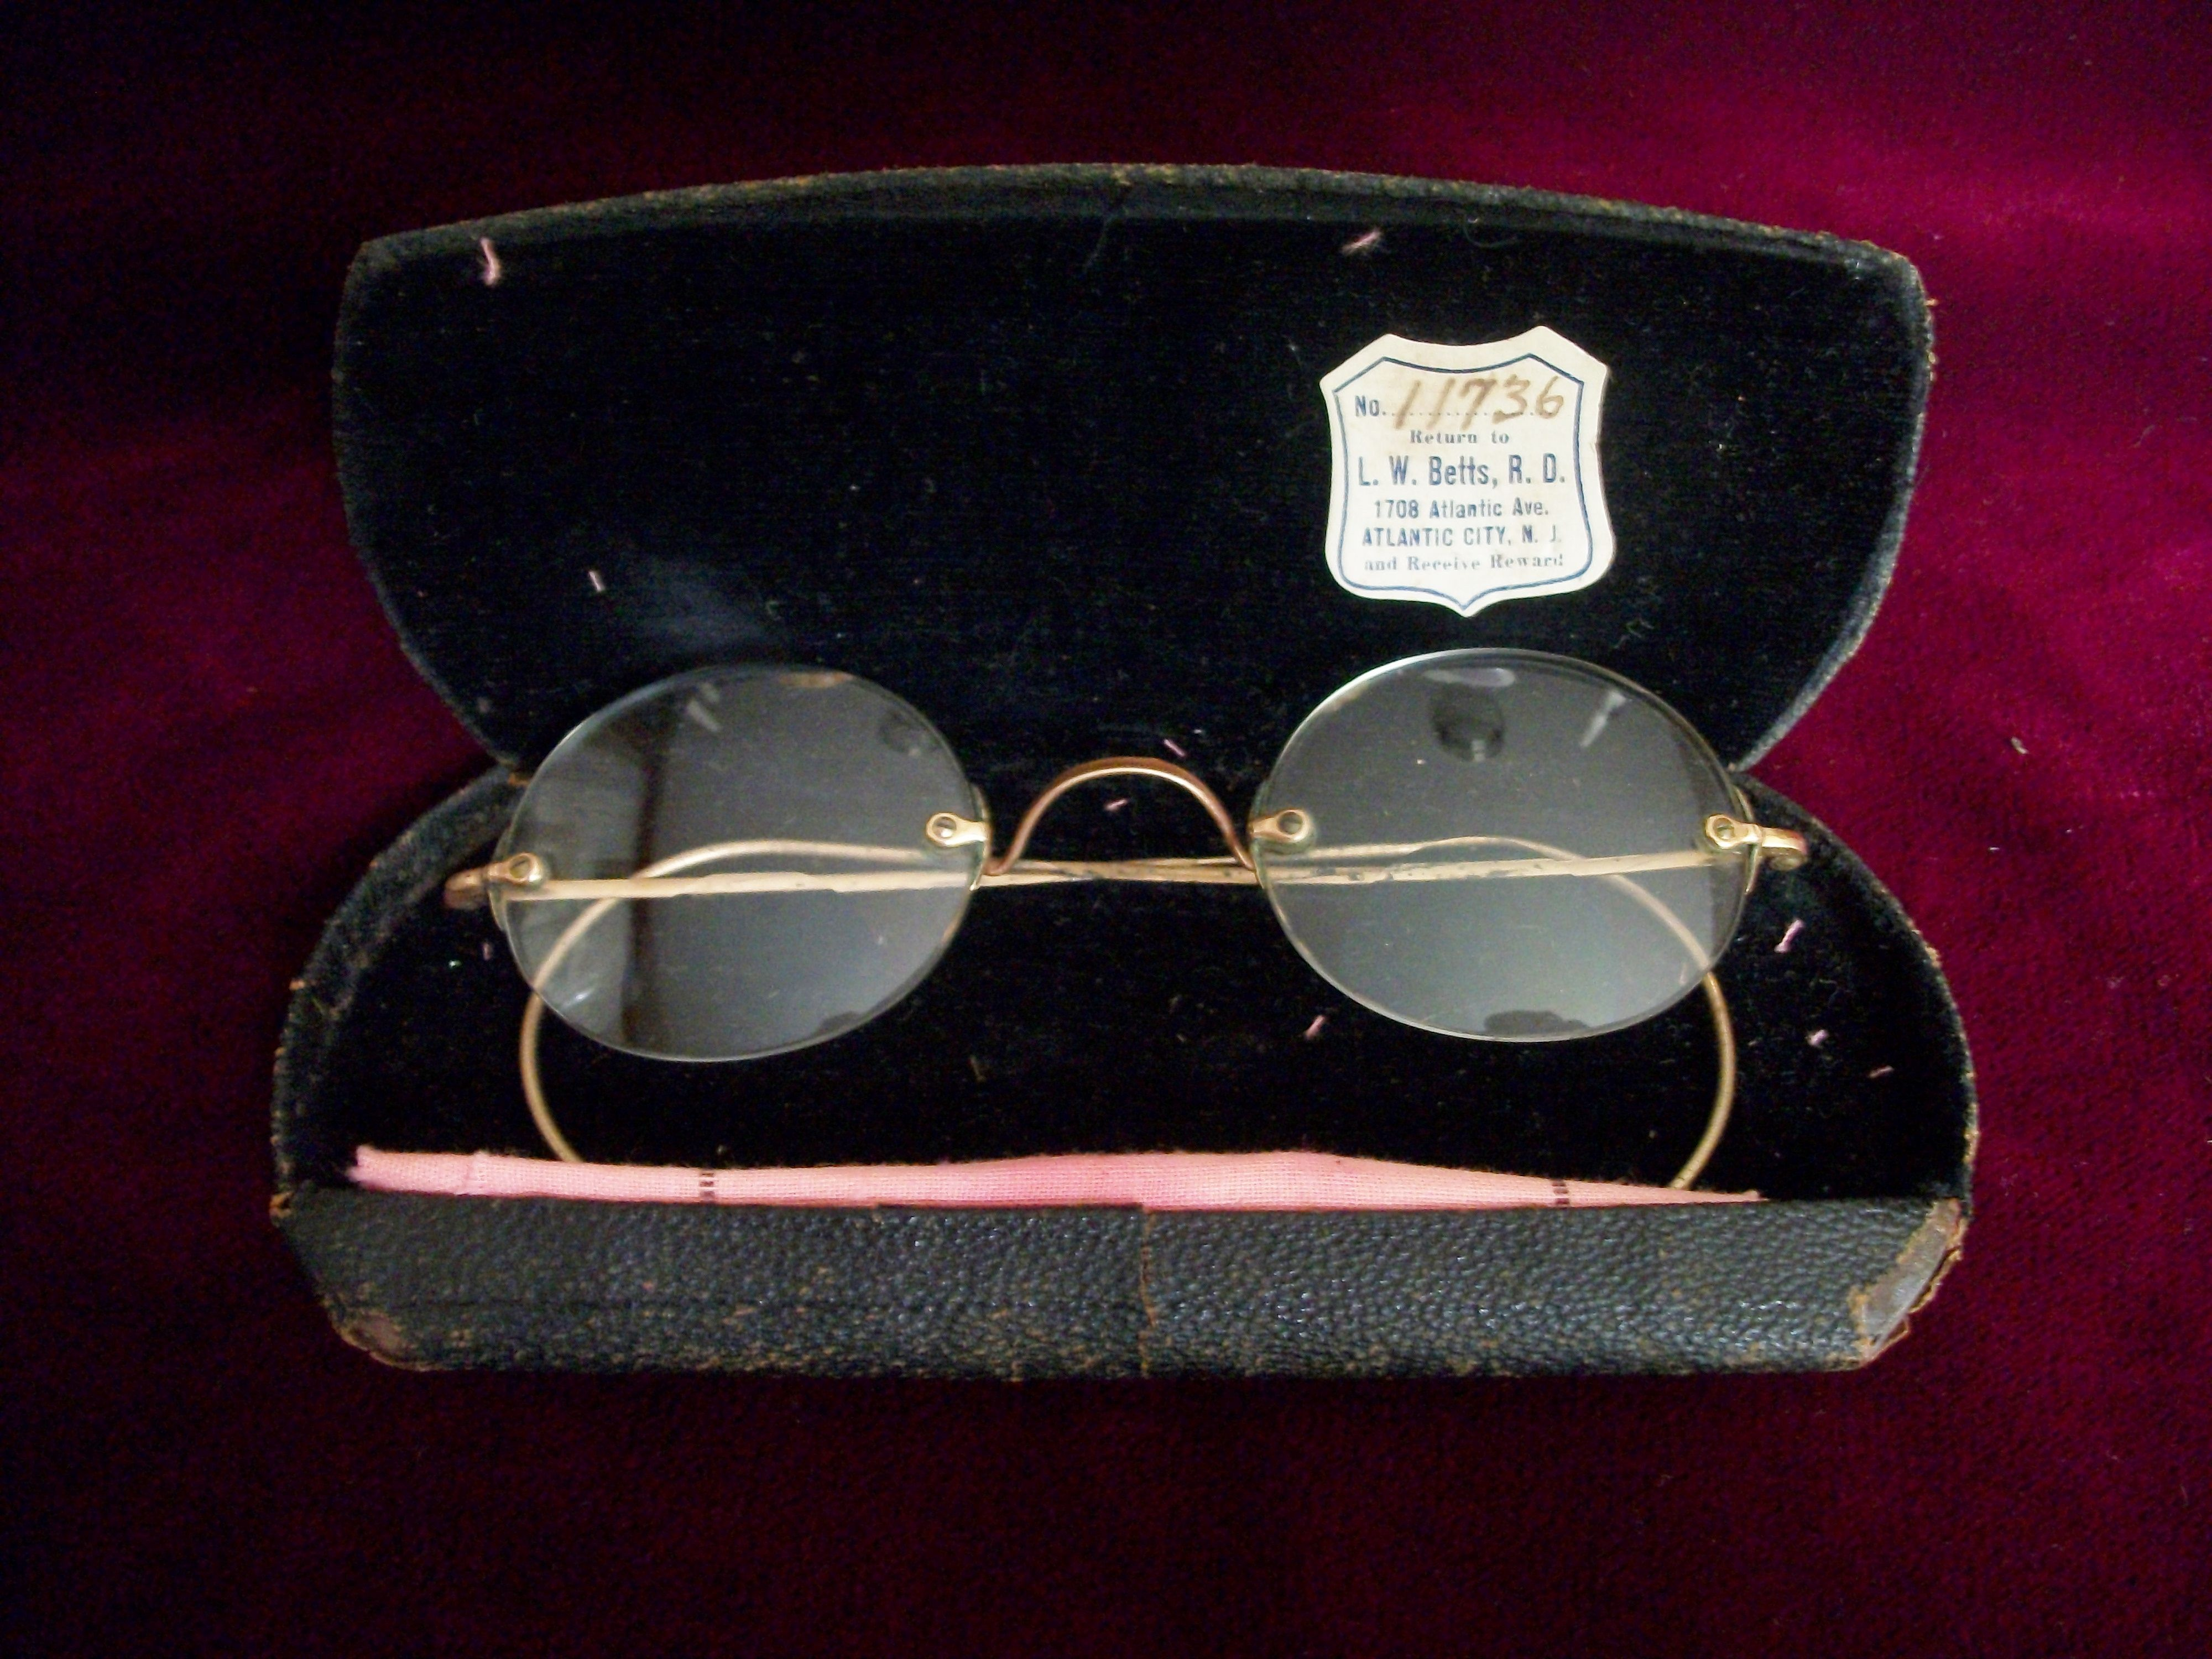 Купить glasses на ebay в санкт петербург intelligent flight battery spark стоимость с доставкой